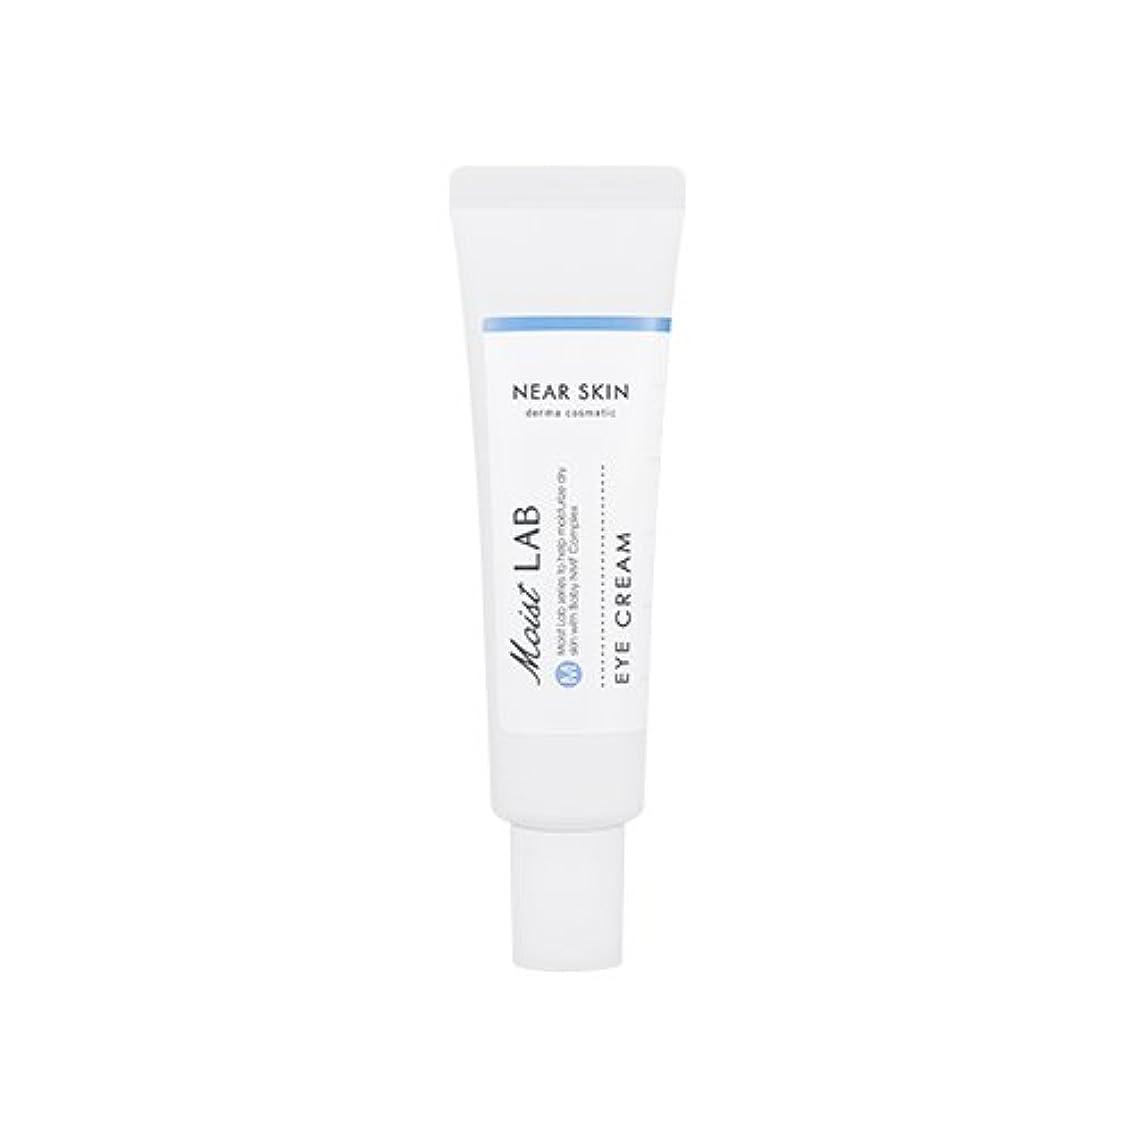 雇うレンチ考慮MISSHA NEAR SKIN Derma Cosmetic Moist LAB (Eye Cream) / ミシャ ニアスキン ダーマコスメティックモイストラボ アイクリーム 30ml [並行輸入品]